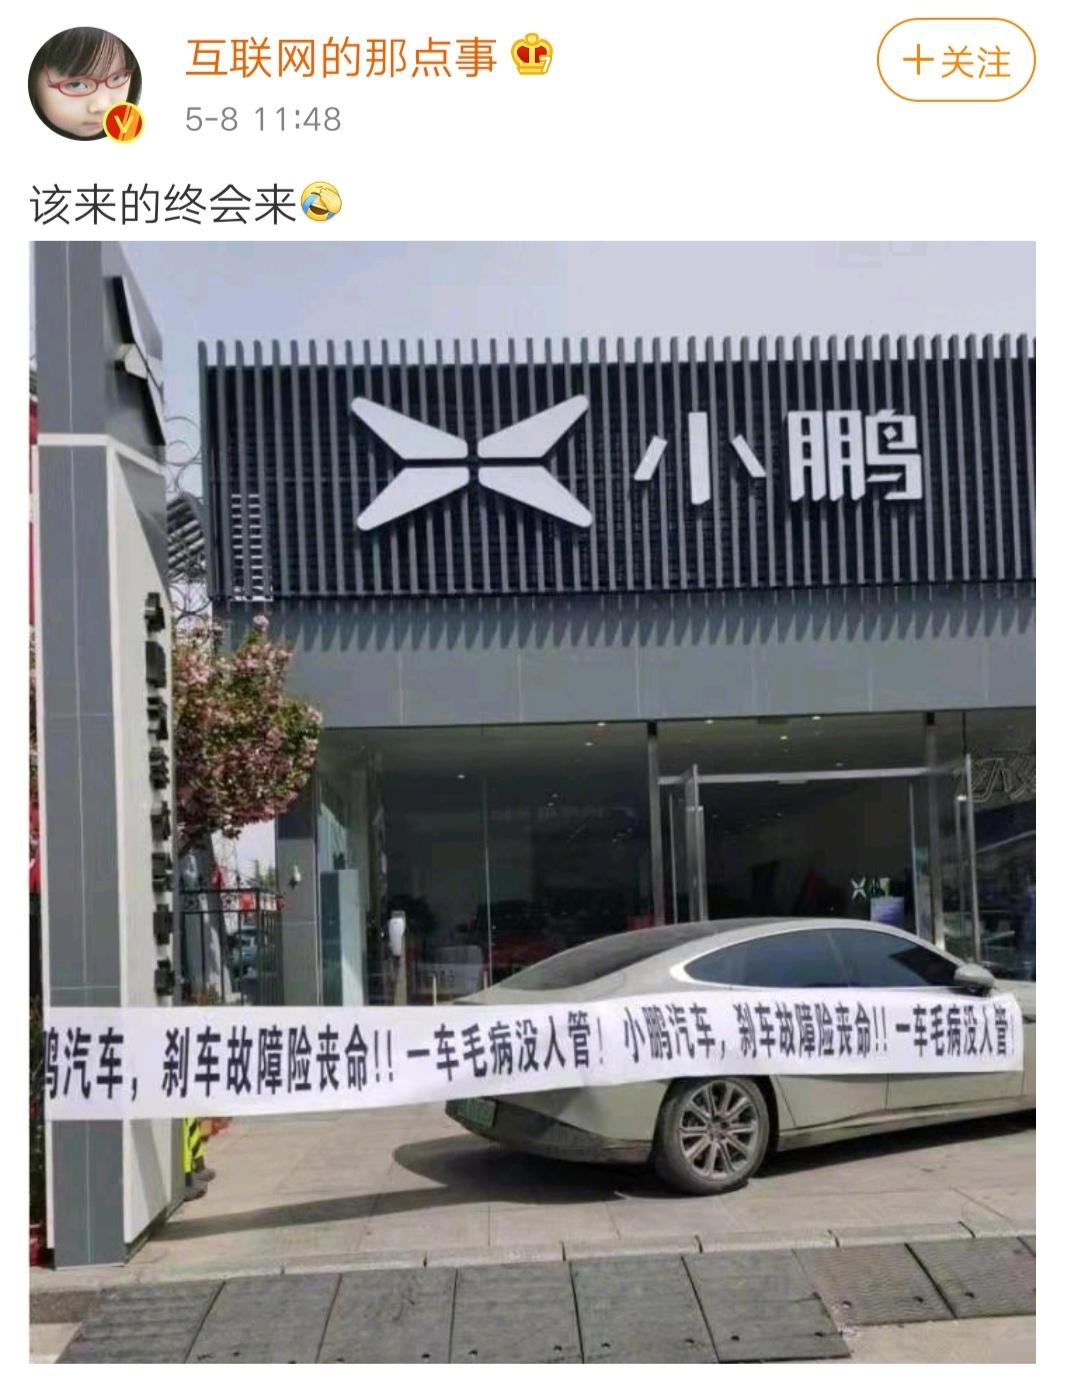 小鹏汽车回应刹车故障维权事件:非刹车事故,已和解